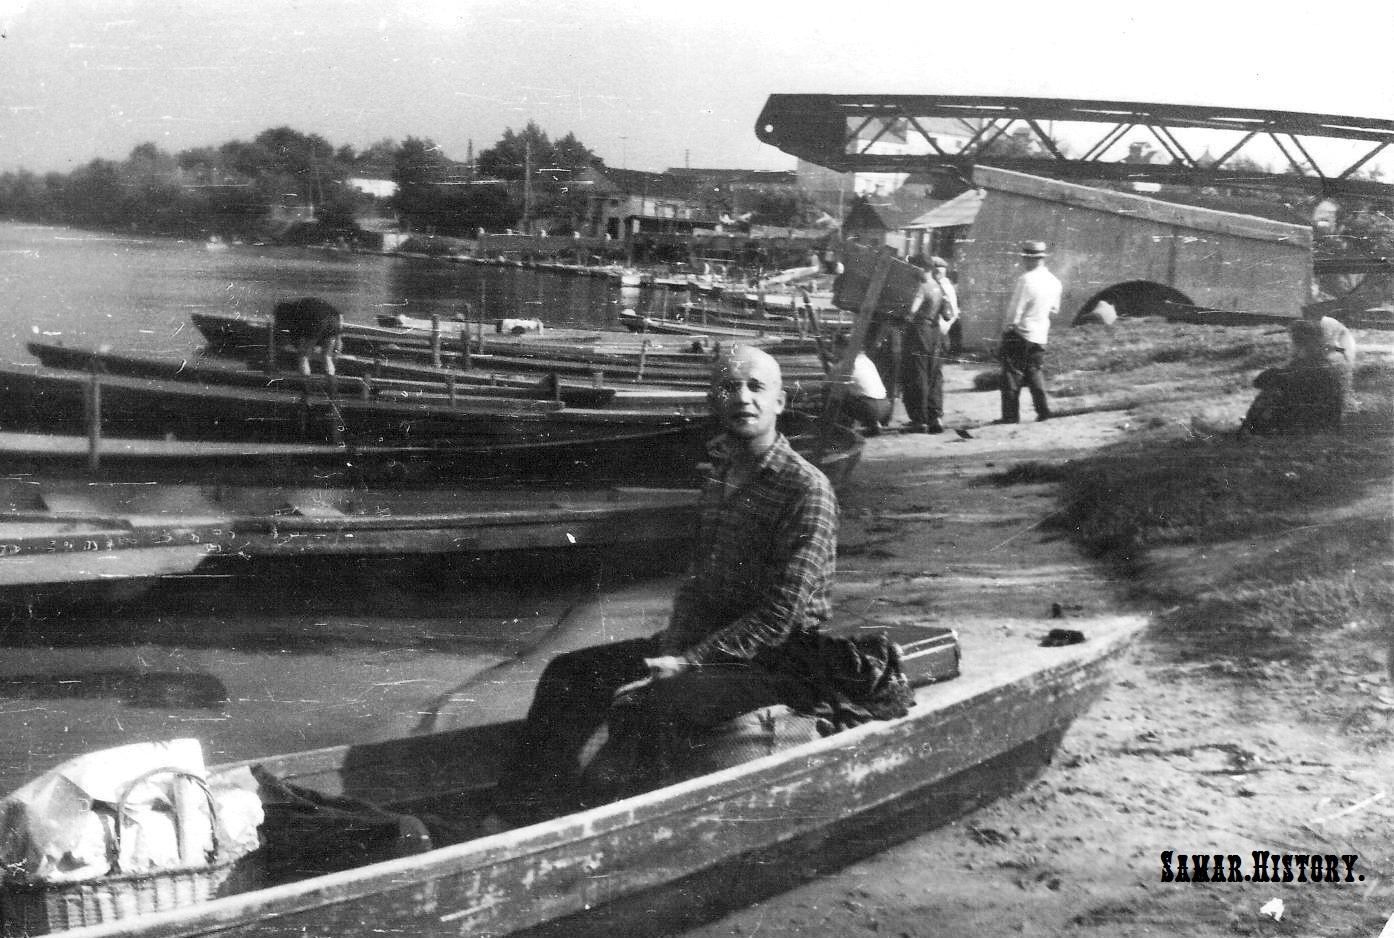 Початок зведення горбатого мосту у міському парку ім. Сучкова, 1964 рік